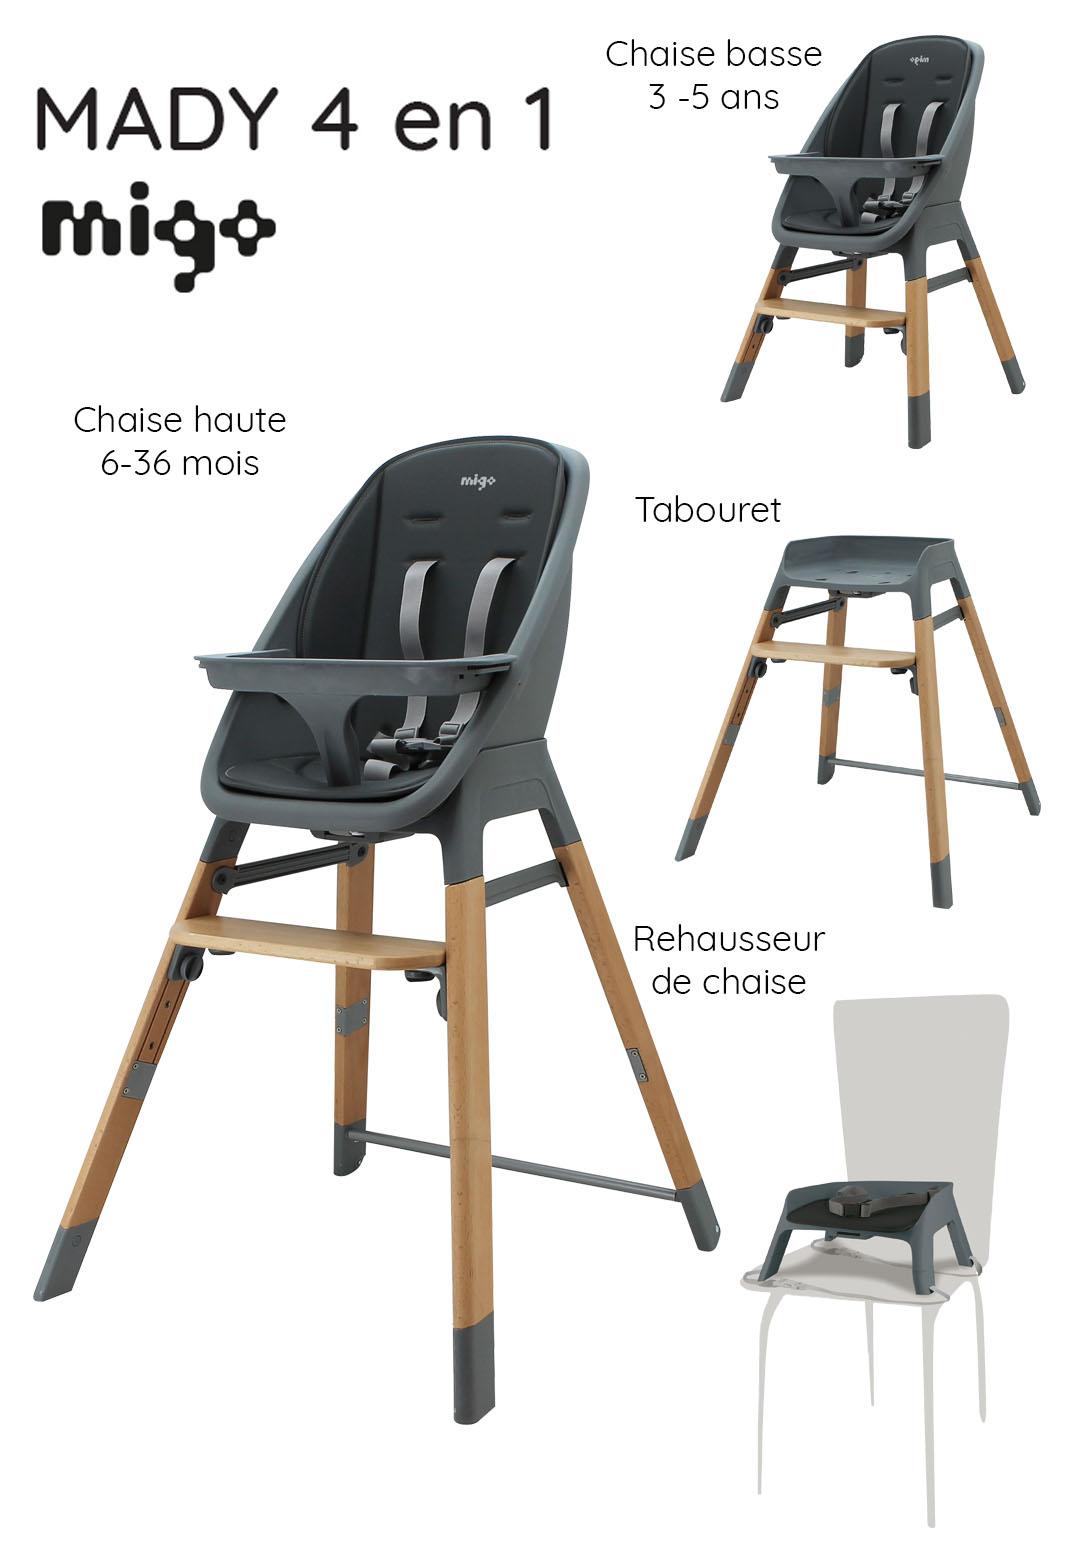 Chaise haute évolutive MADY 4 en 1 Design et confort